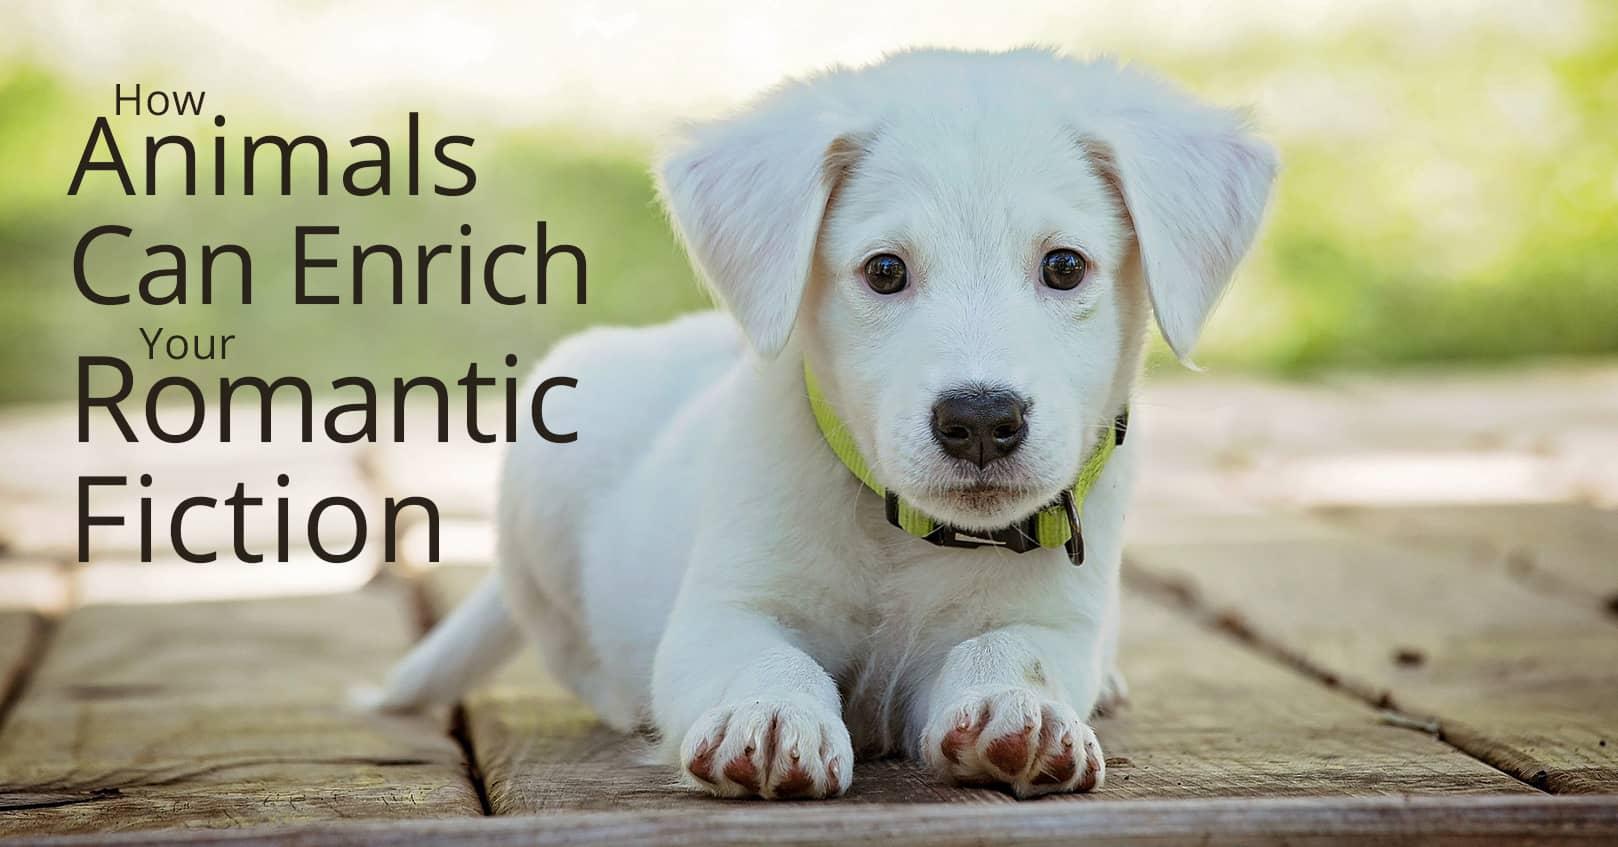 Animals can enrich your romantic fiction